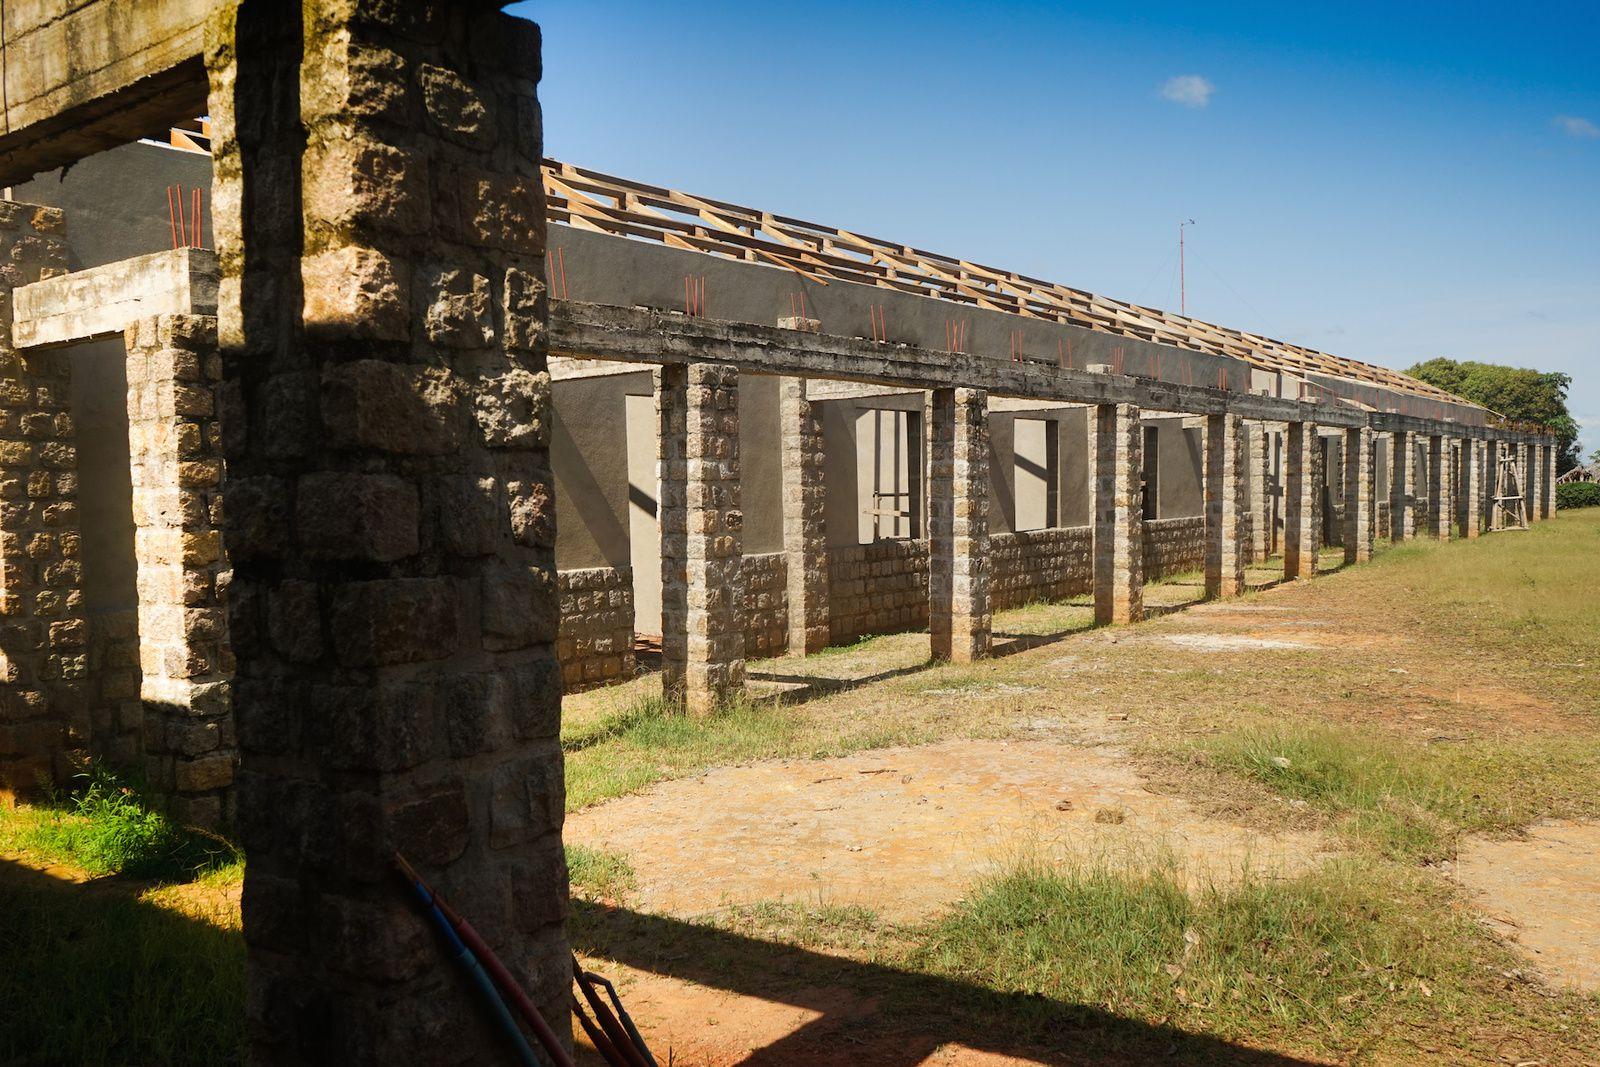 Vue des pavillon 8 (hospitalisation chirurgie) et pavillon 9 (cuisine) (photo prise depuis la varangue du pavillon 7). La charpente est posée sur les deux bâtiments.